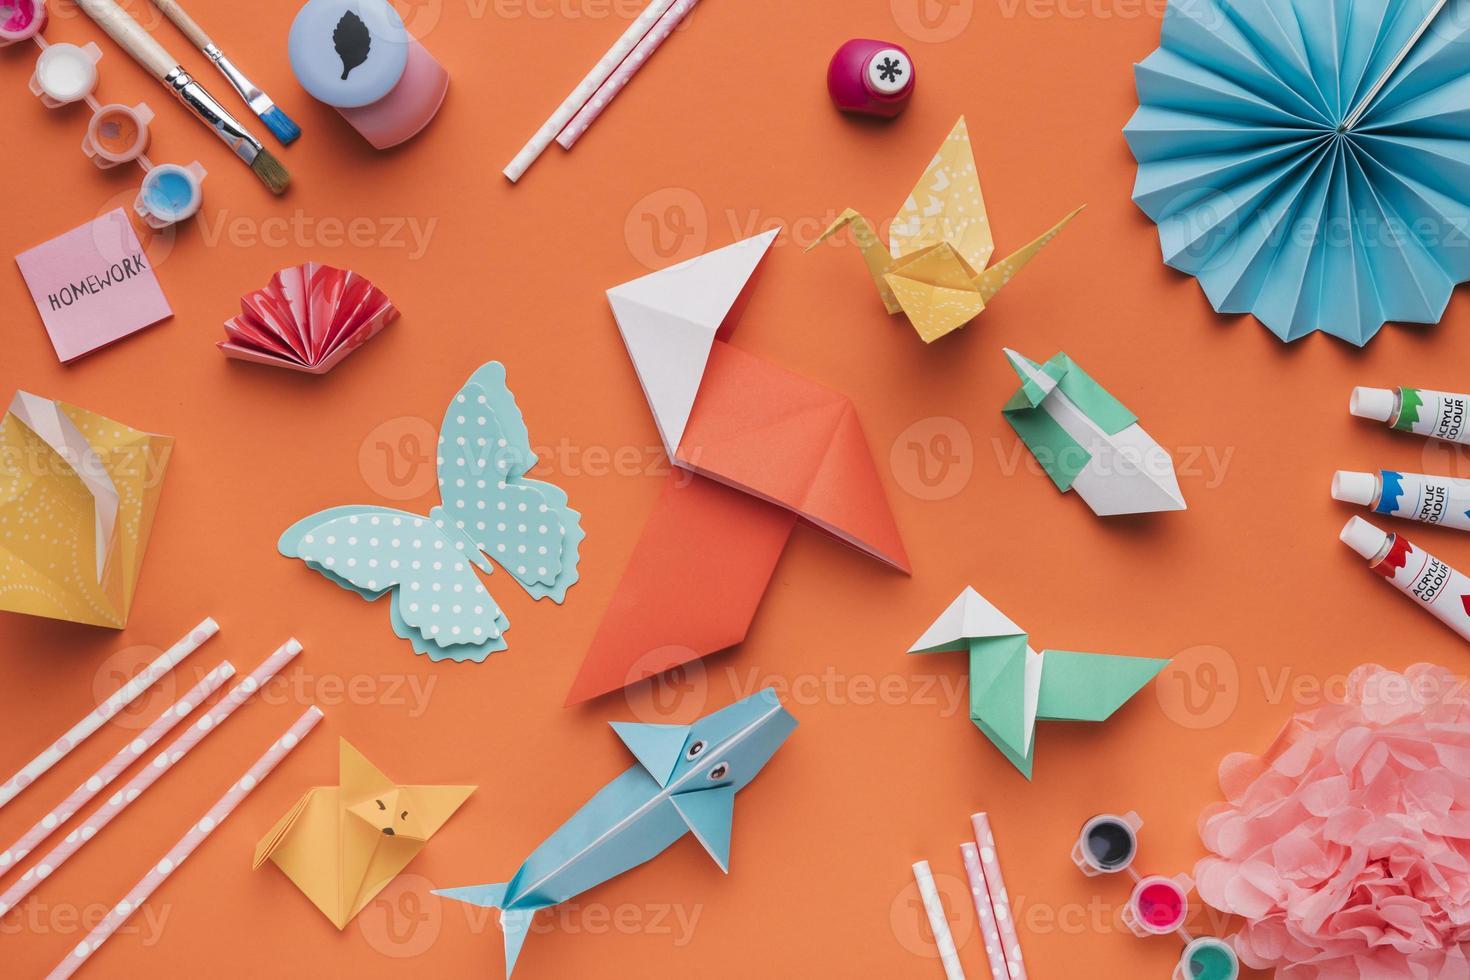 uppsättning origami papperskonst och pensel med akvarell och sugrör på orange bakgrund foto